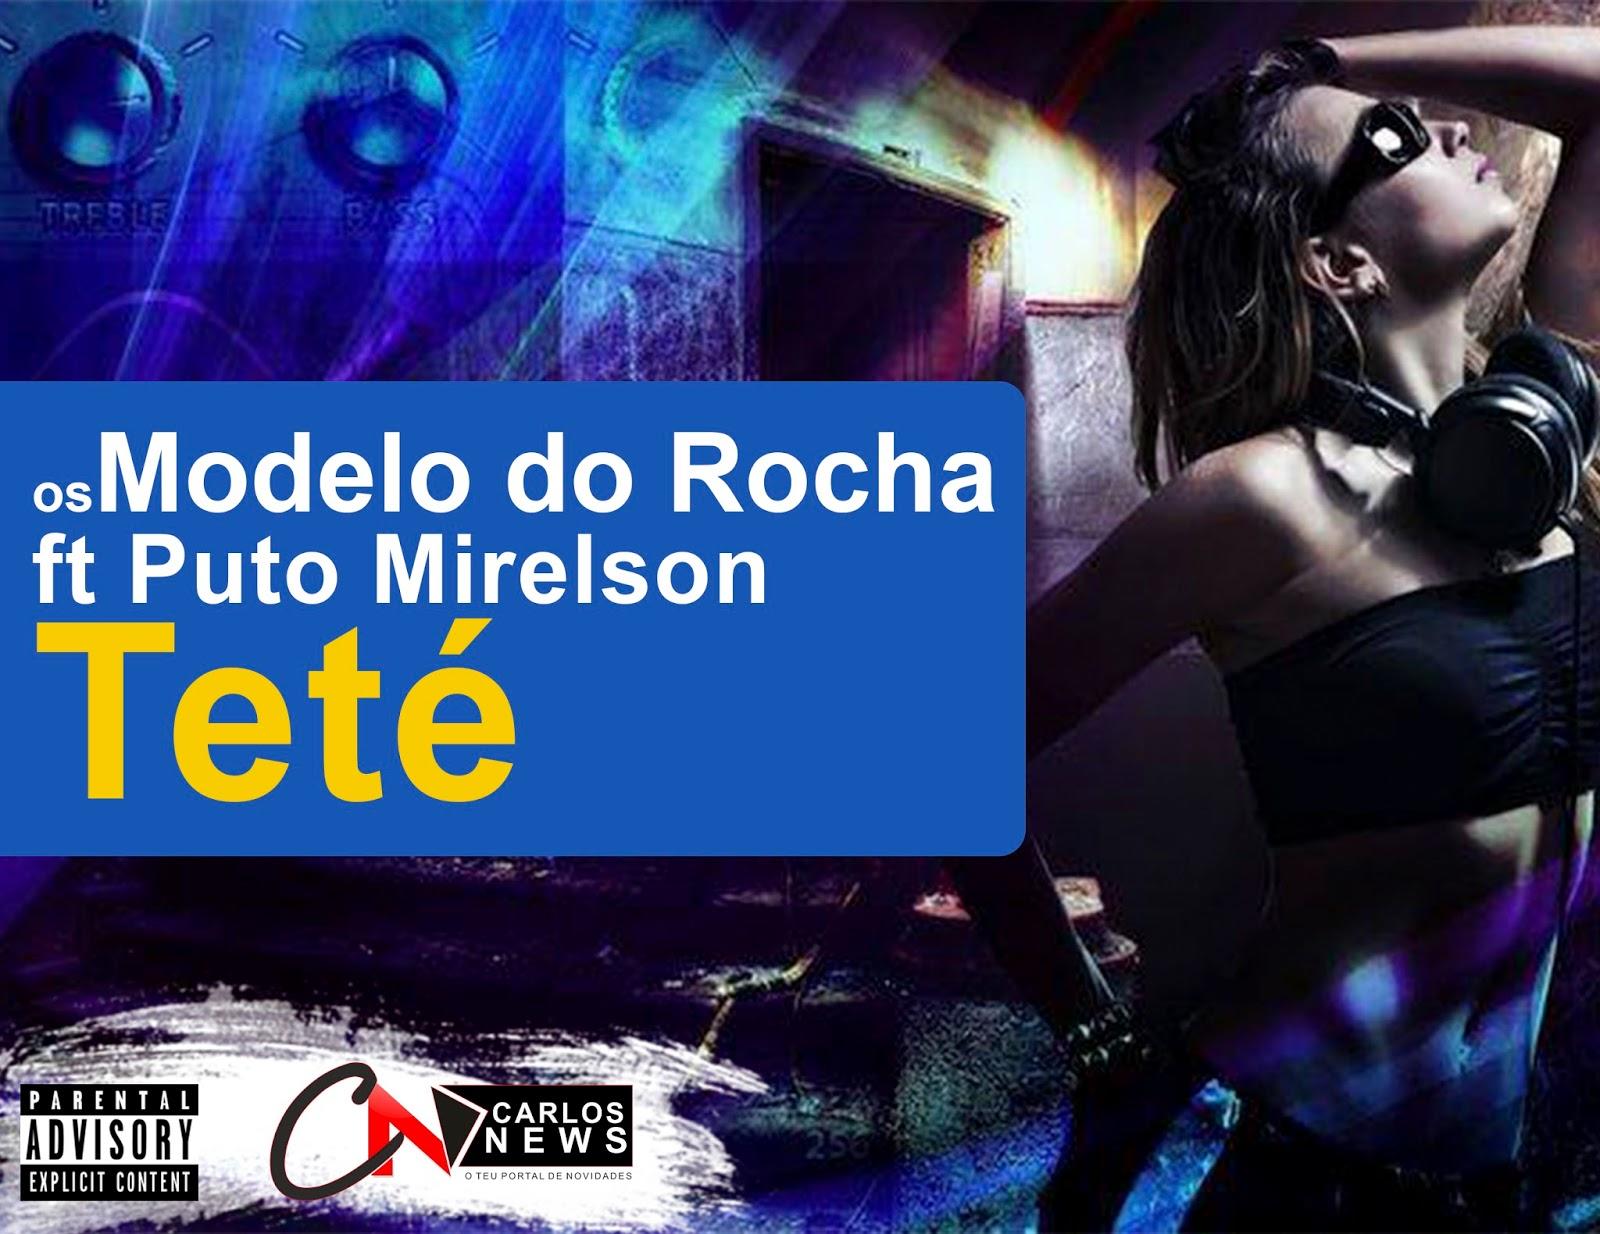 Os Modelo  do Rocha ft Puto Mirelson - Teté [Download]